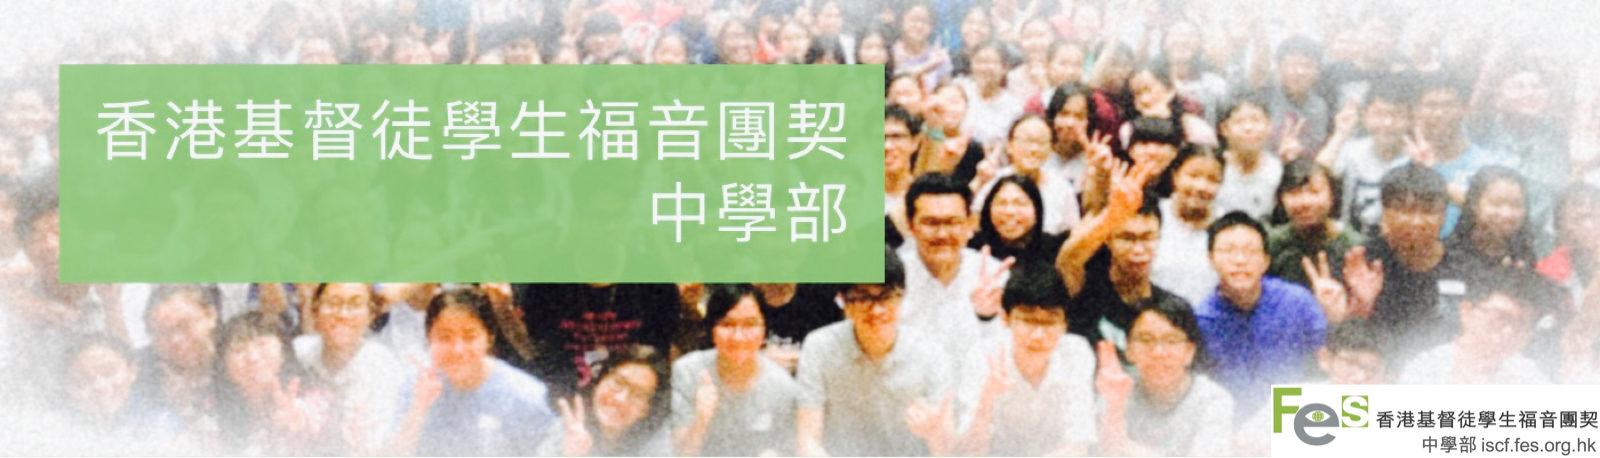 ISCF – 香港基督徒學生福音團契中學部